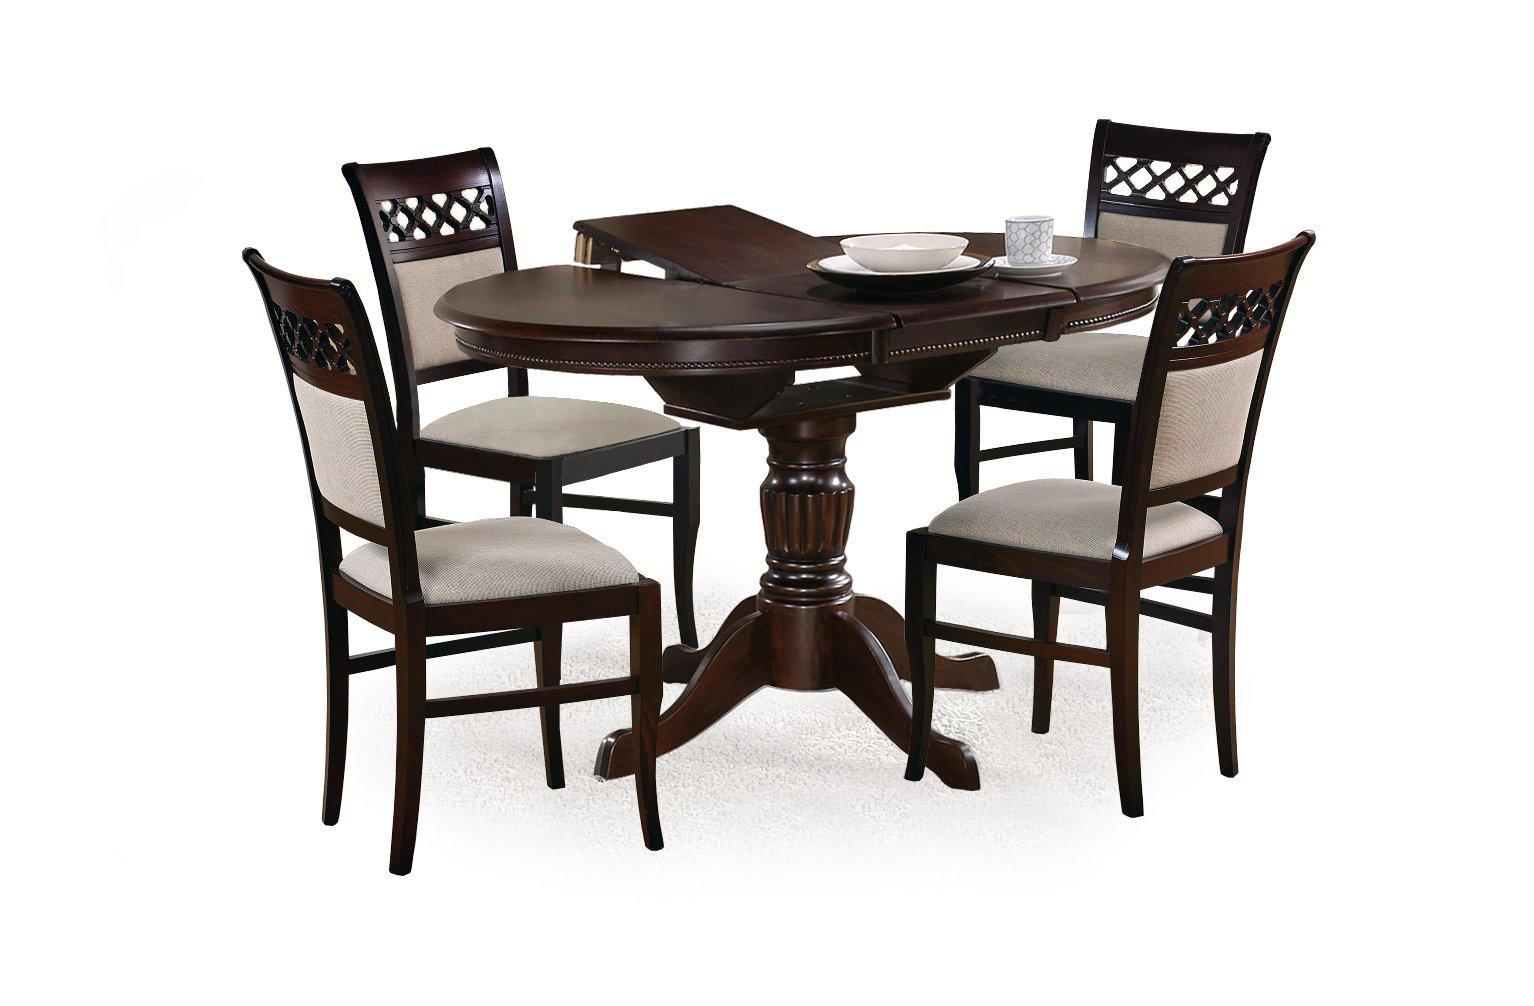 Jedálenský stôl - Halmar - William (pre 4 osoby) *bazár. Akcia -34%. Sme autorizovaný predajca Halmar. Vlastná spoľahlivá doprava až k Vám domov.